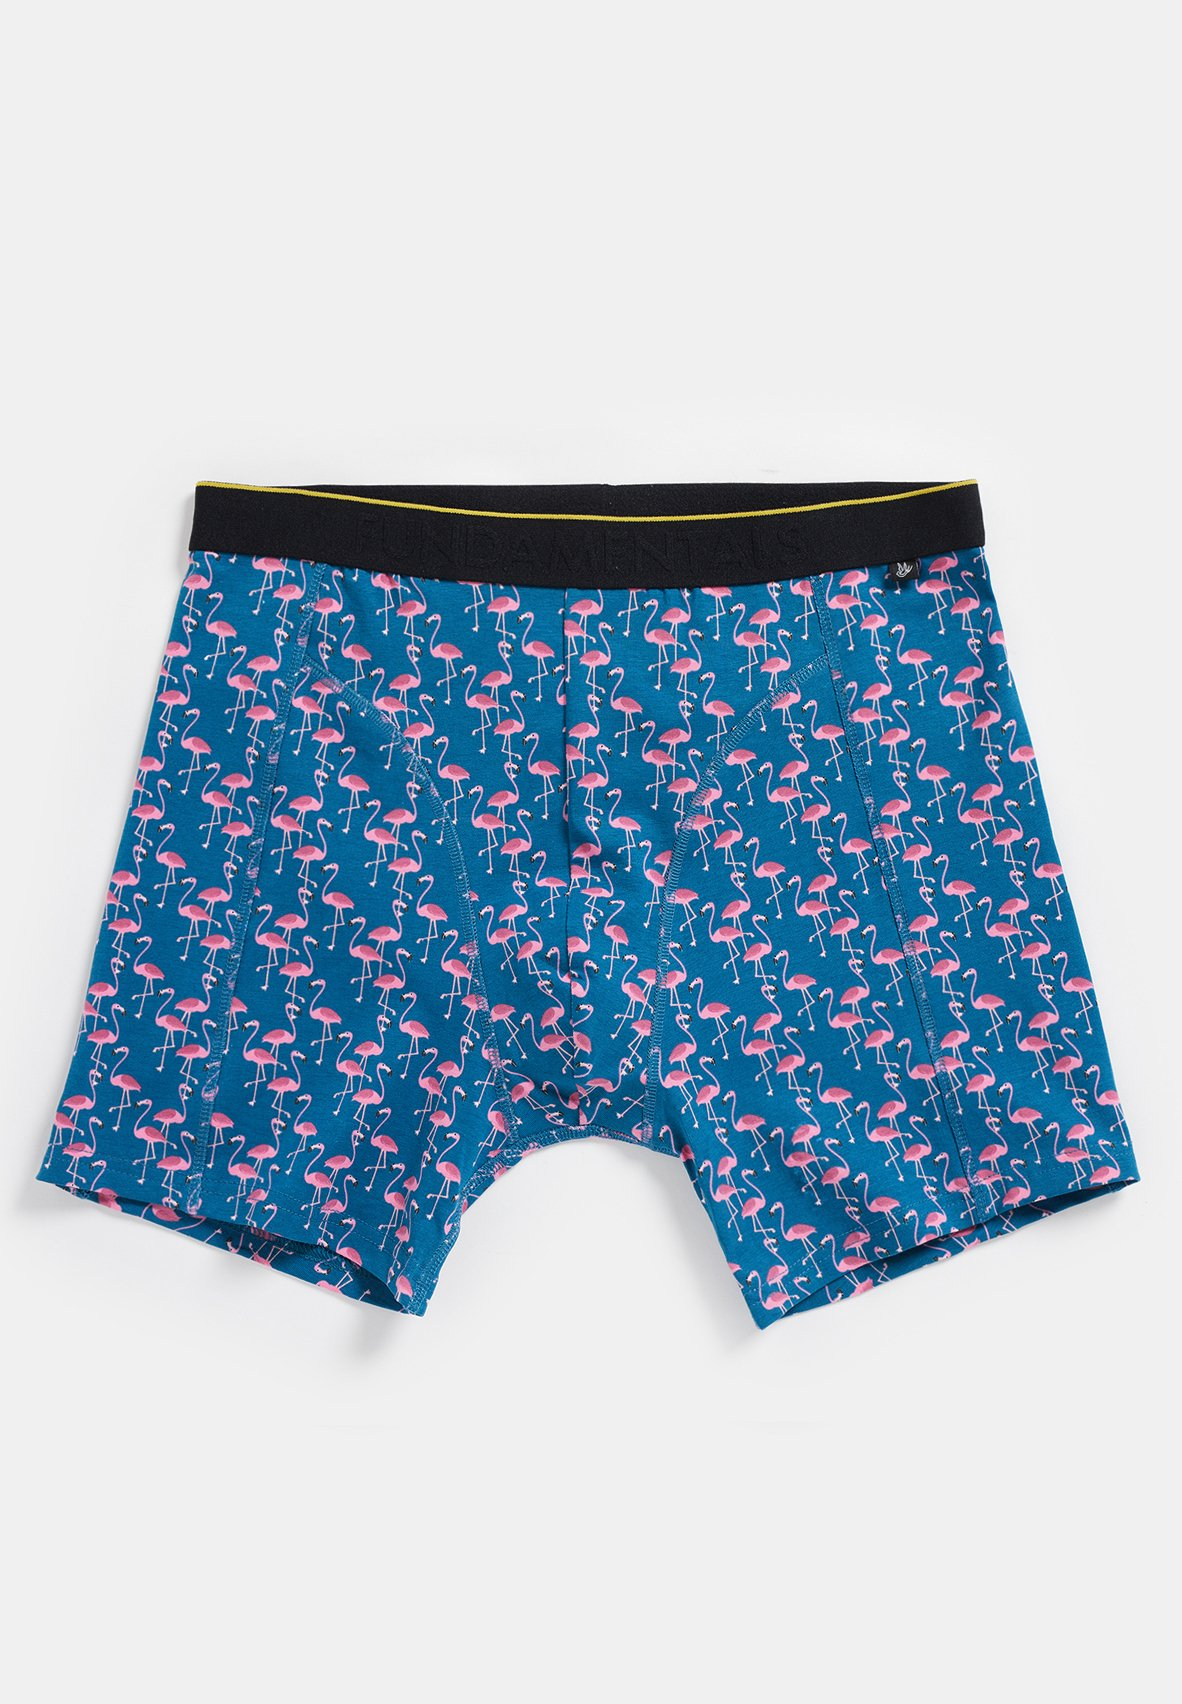 Herren Panties